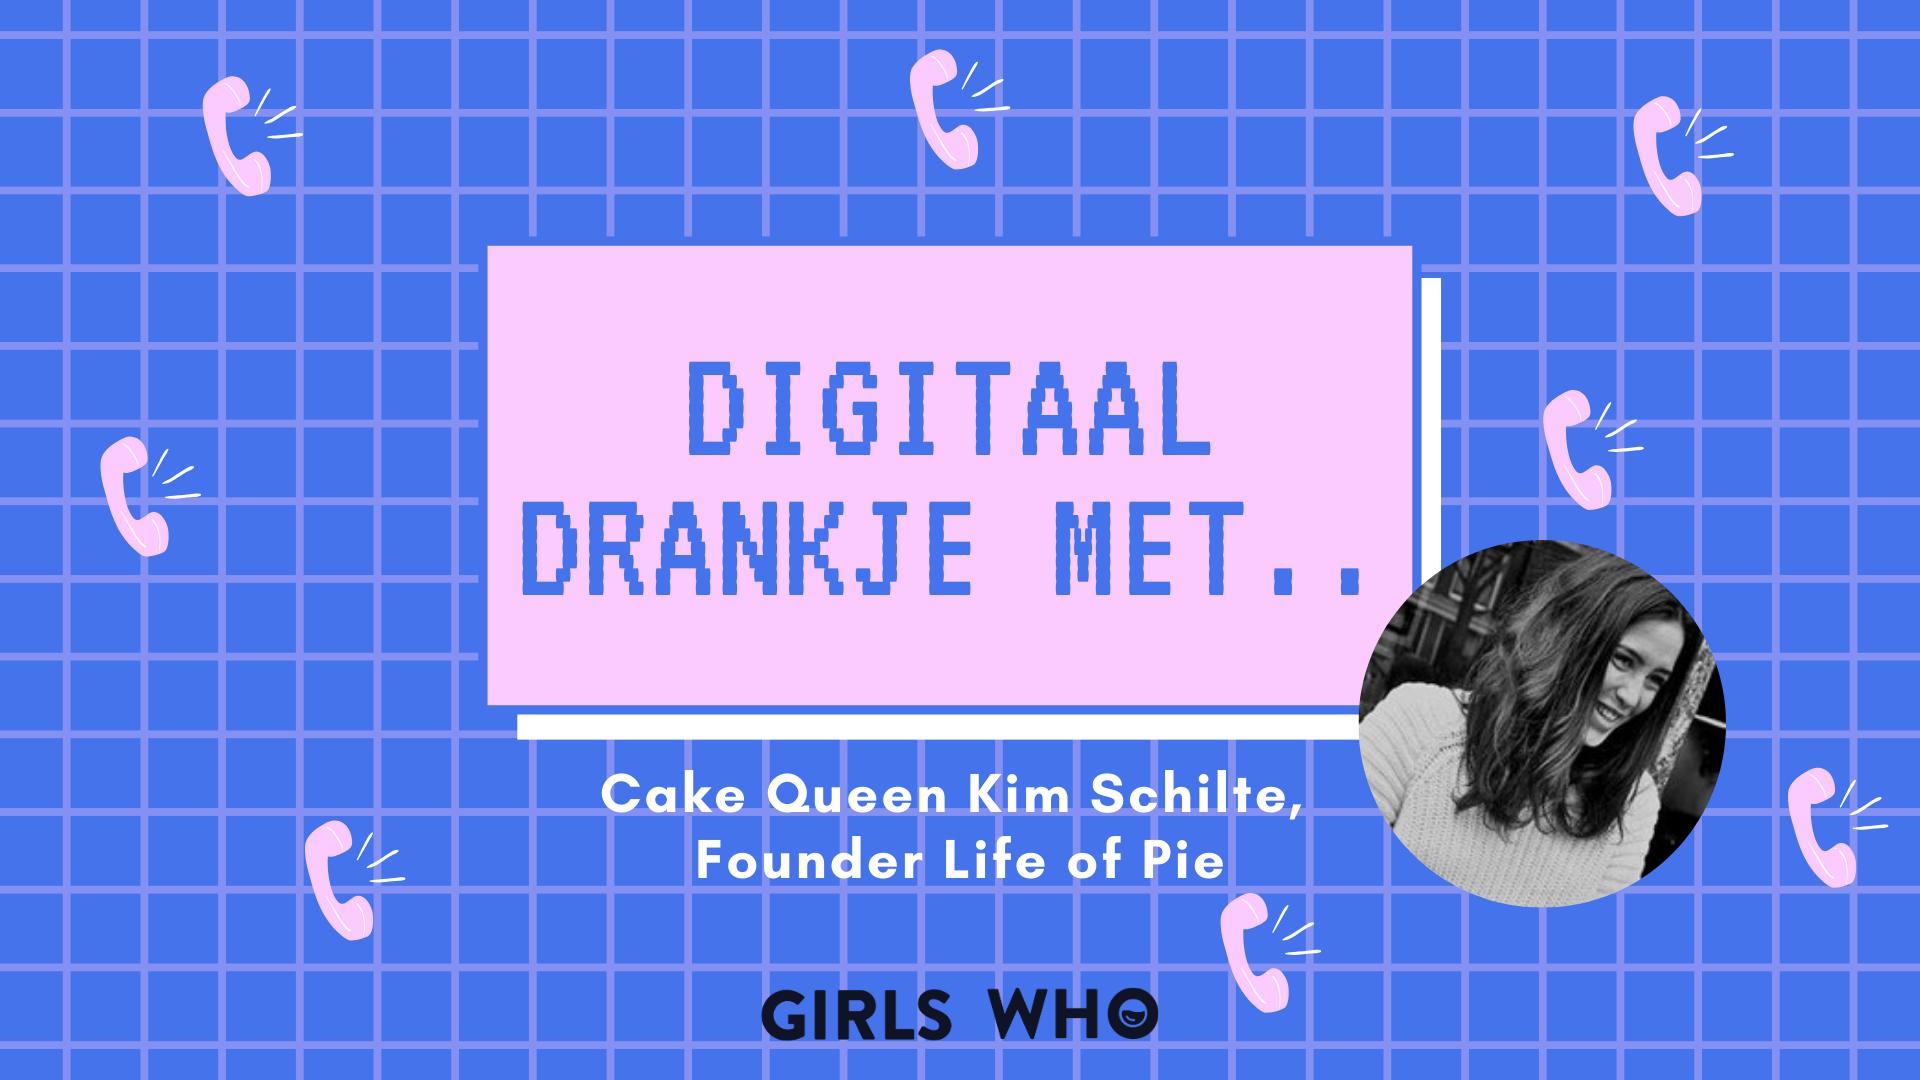 digitaal drankje met // interview girls who magazine // life of pie amsterdam // kim schilte // taart bestellen